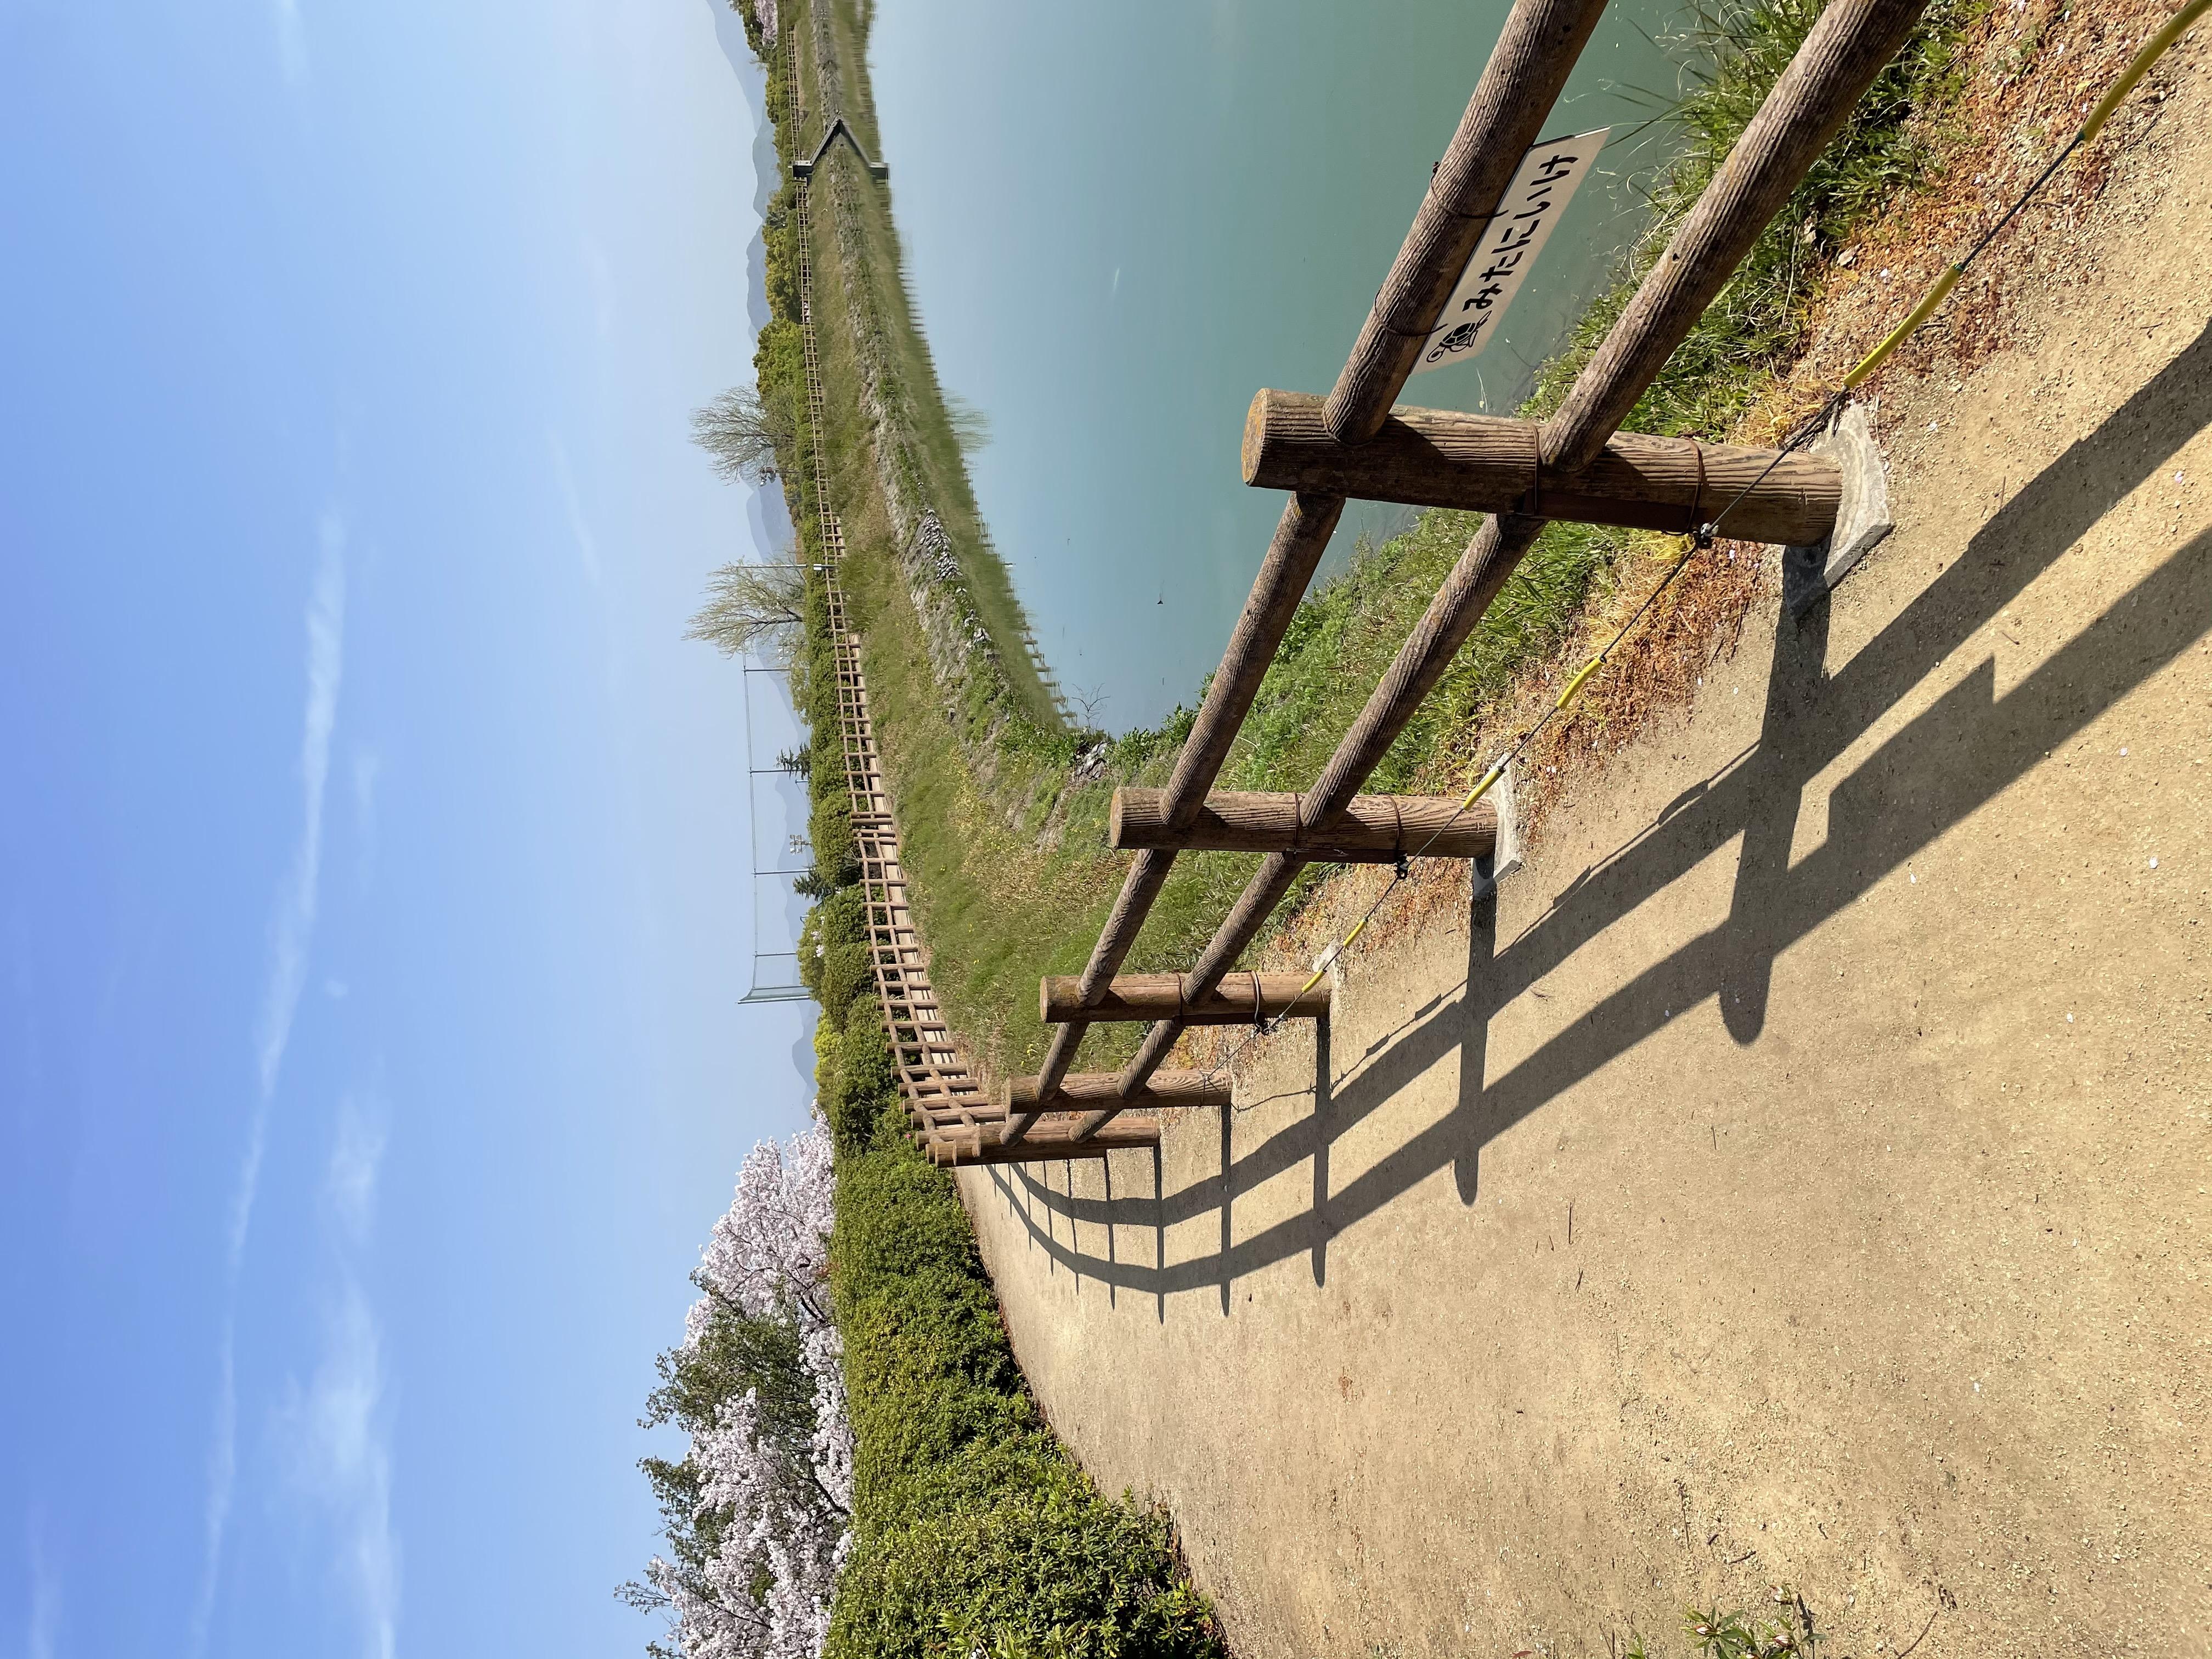 わんちゃんのお散歩にも最適!三谷池遊歩道